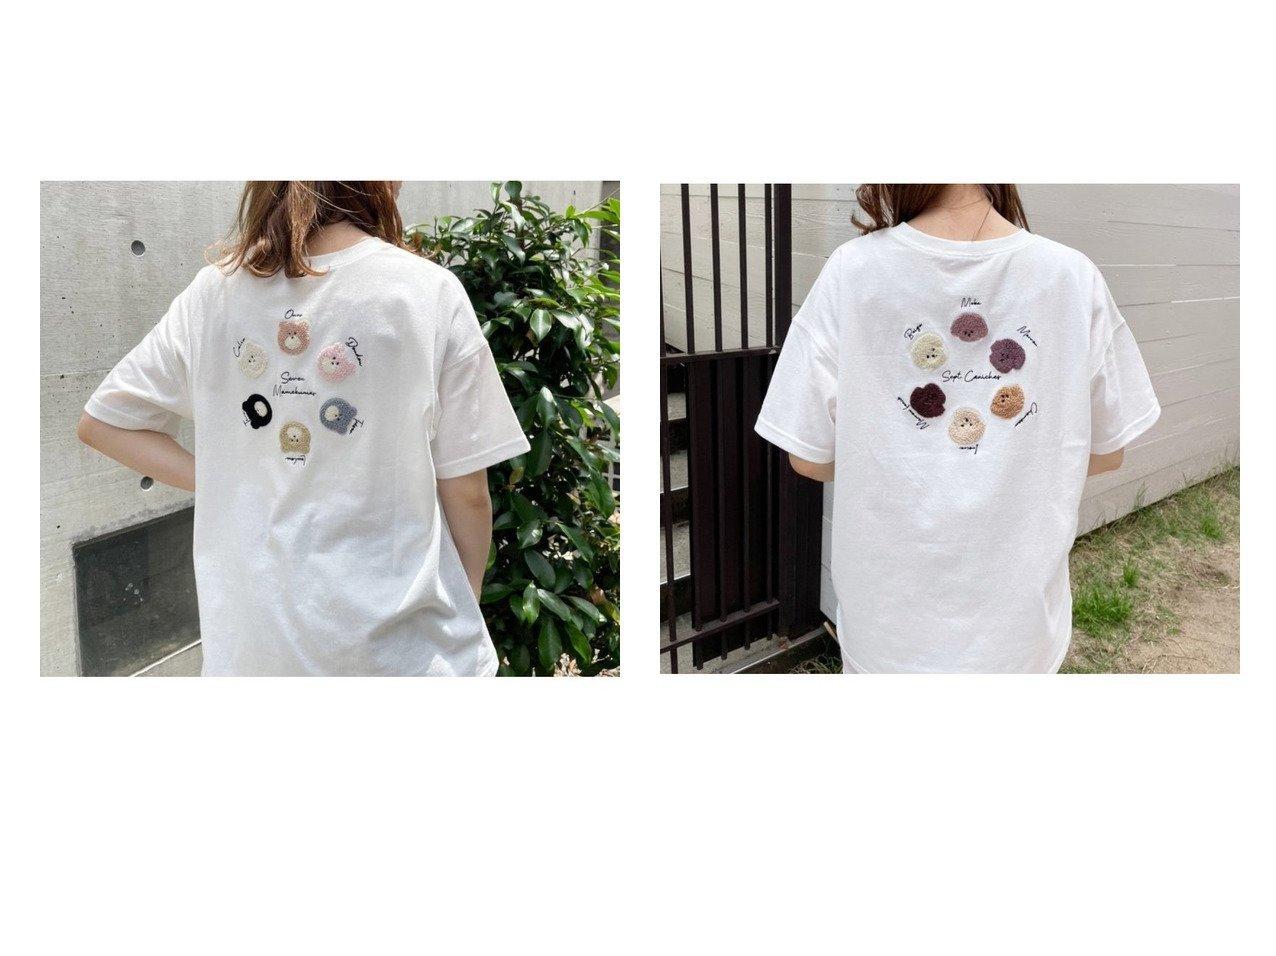 【NICE CLAUP/ナイスクラップ】のアソ-トビッグTシャツ おすすめ!人気、トレンド・レディースファッションの通販 おすすめで人気の流行・トレンド、ファッションの通販商品 インテリア・家具・メンズファッション・キッズファッション・レディースファッション・服の通販 founy(ファニー) https://founy.com/ ファッション Fashion レディースファッション WOMEN トップス・カットソー Tops/Tshirt シャツ/ブラウス Shirts/Blouses ロング / Tシャツ T-Shirts カットソー Cut and Sewn カットソー ガーリー キャラクター サークル チュニック 人気 フレア プリーツ ボトム マーメイド ミニスカート 2021年 2021 2021春夏・S/S SS/Spring/Summer/2021 おすすめ Recommend 夏 Summer |ID:crp329100000061966